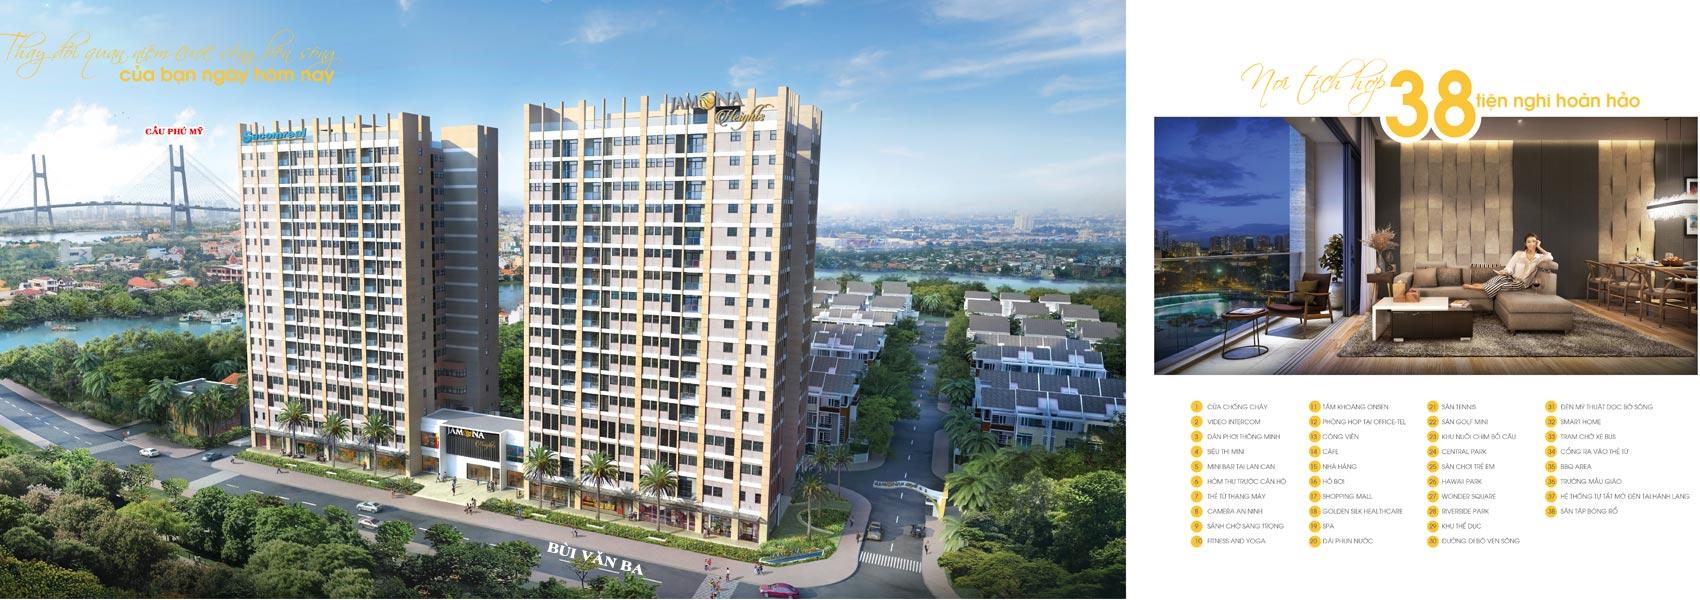 Mua bán cho thuê dự án căn hộ chung cư Jamona Heights Quận 7 Đường Bùi Văn Ba chủ đầu tư TTC Land